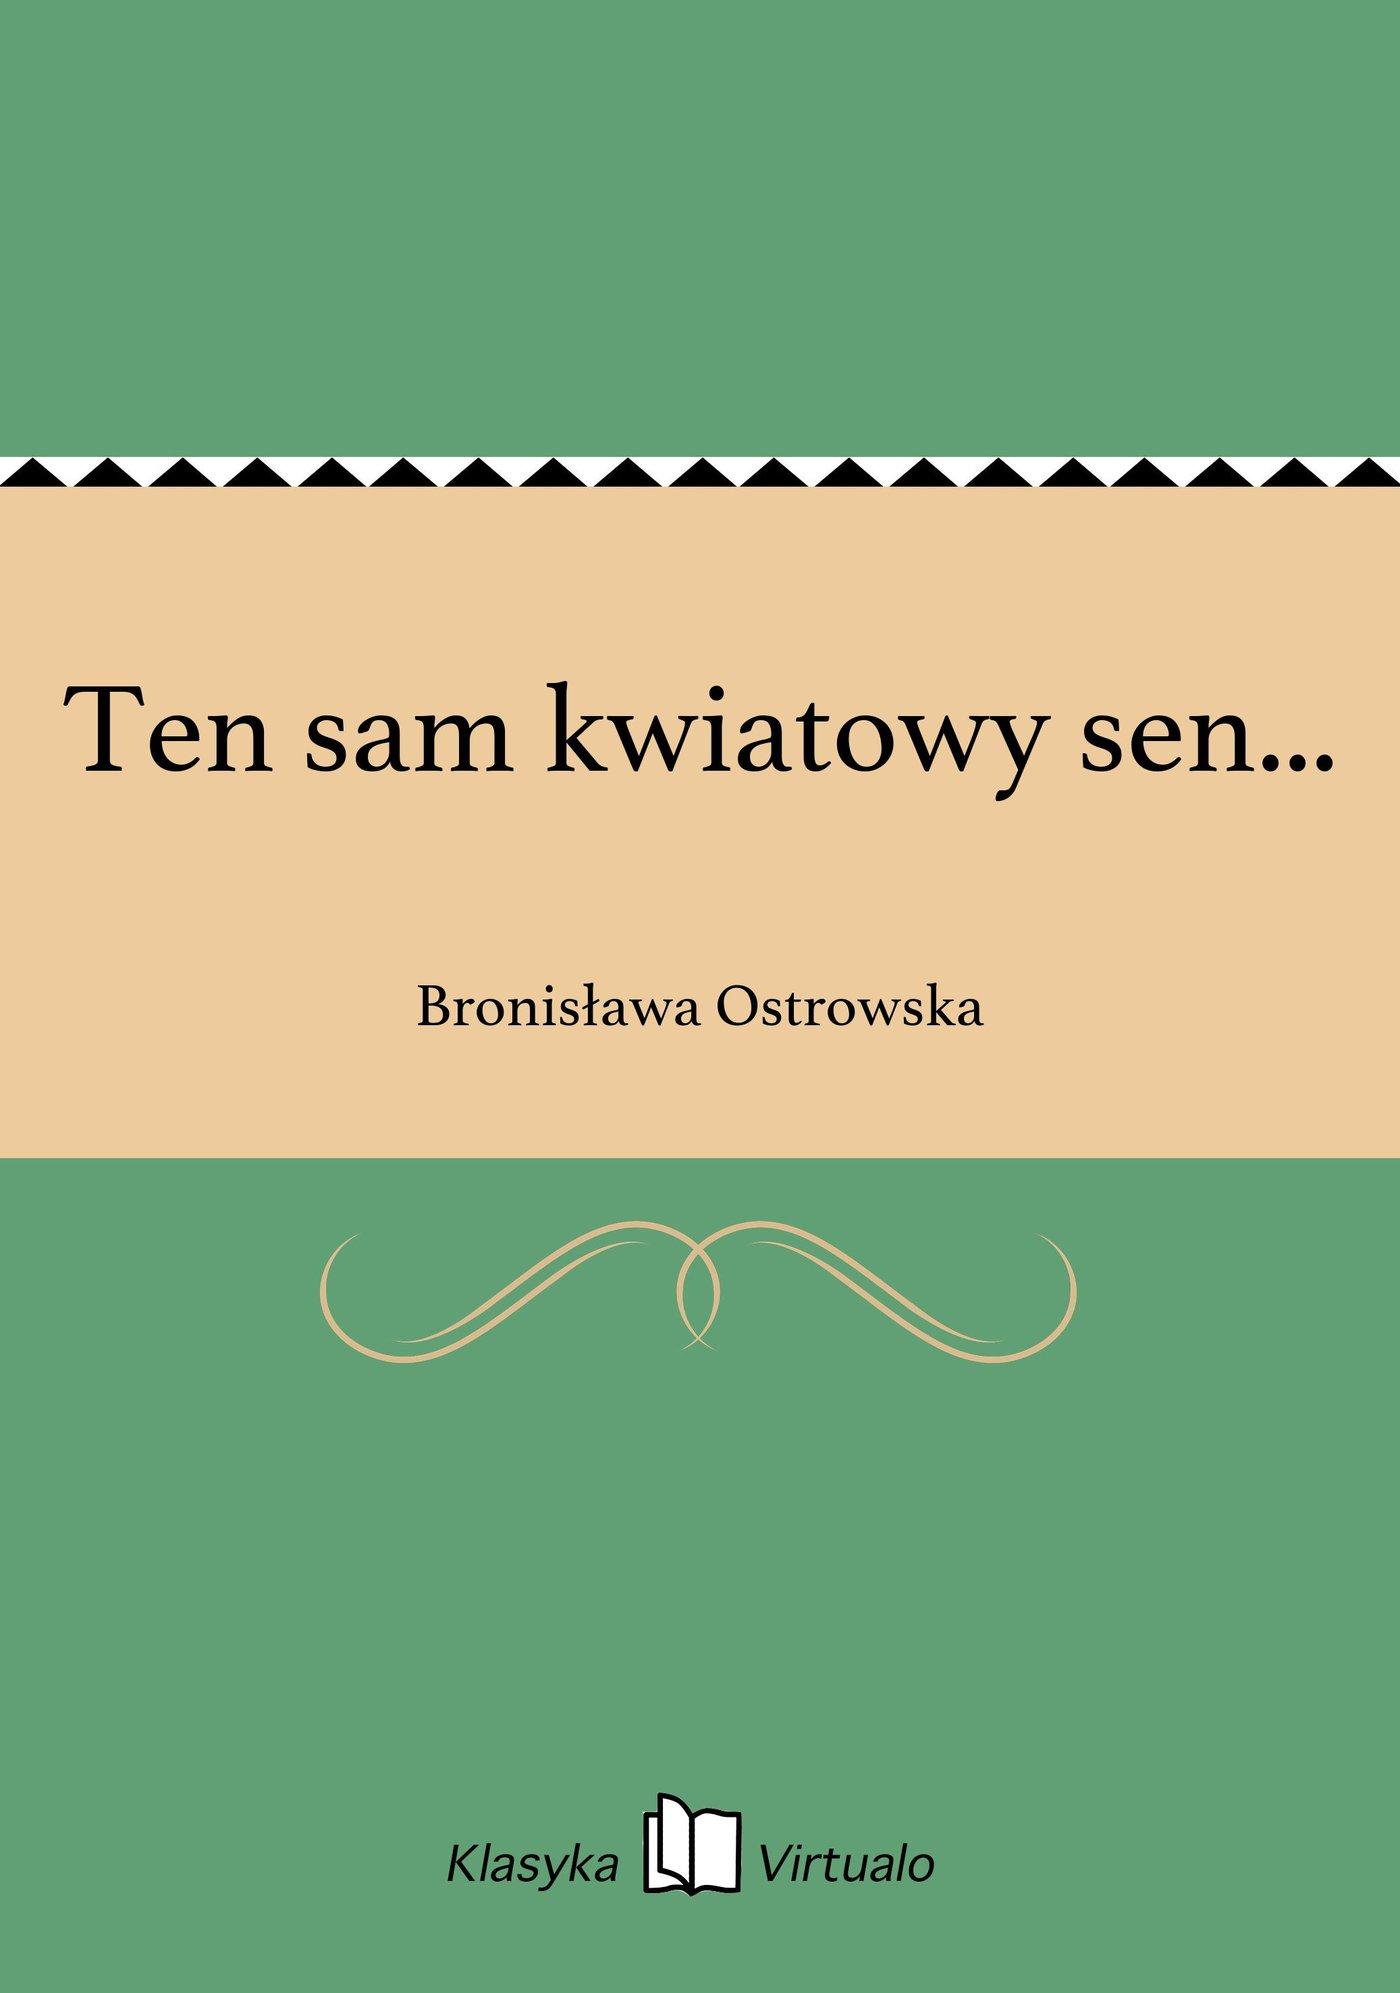 Ten sam kwiatowy sen... - Ebook (Książka na Kindle) do pobrania w formacie MOBI